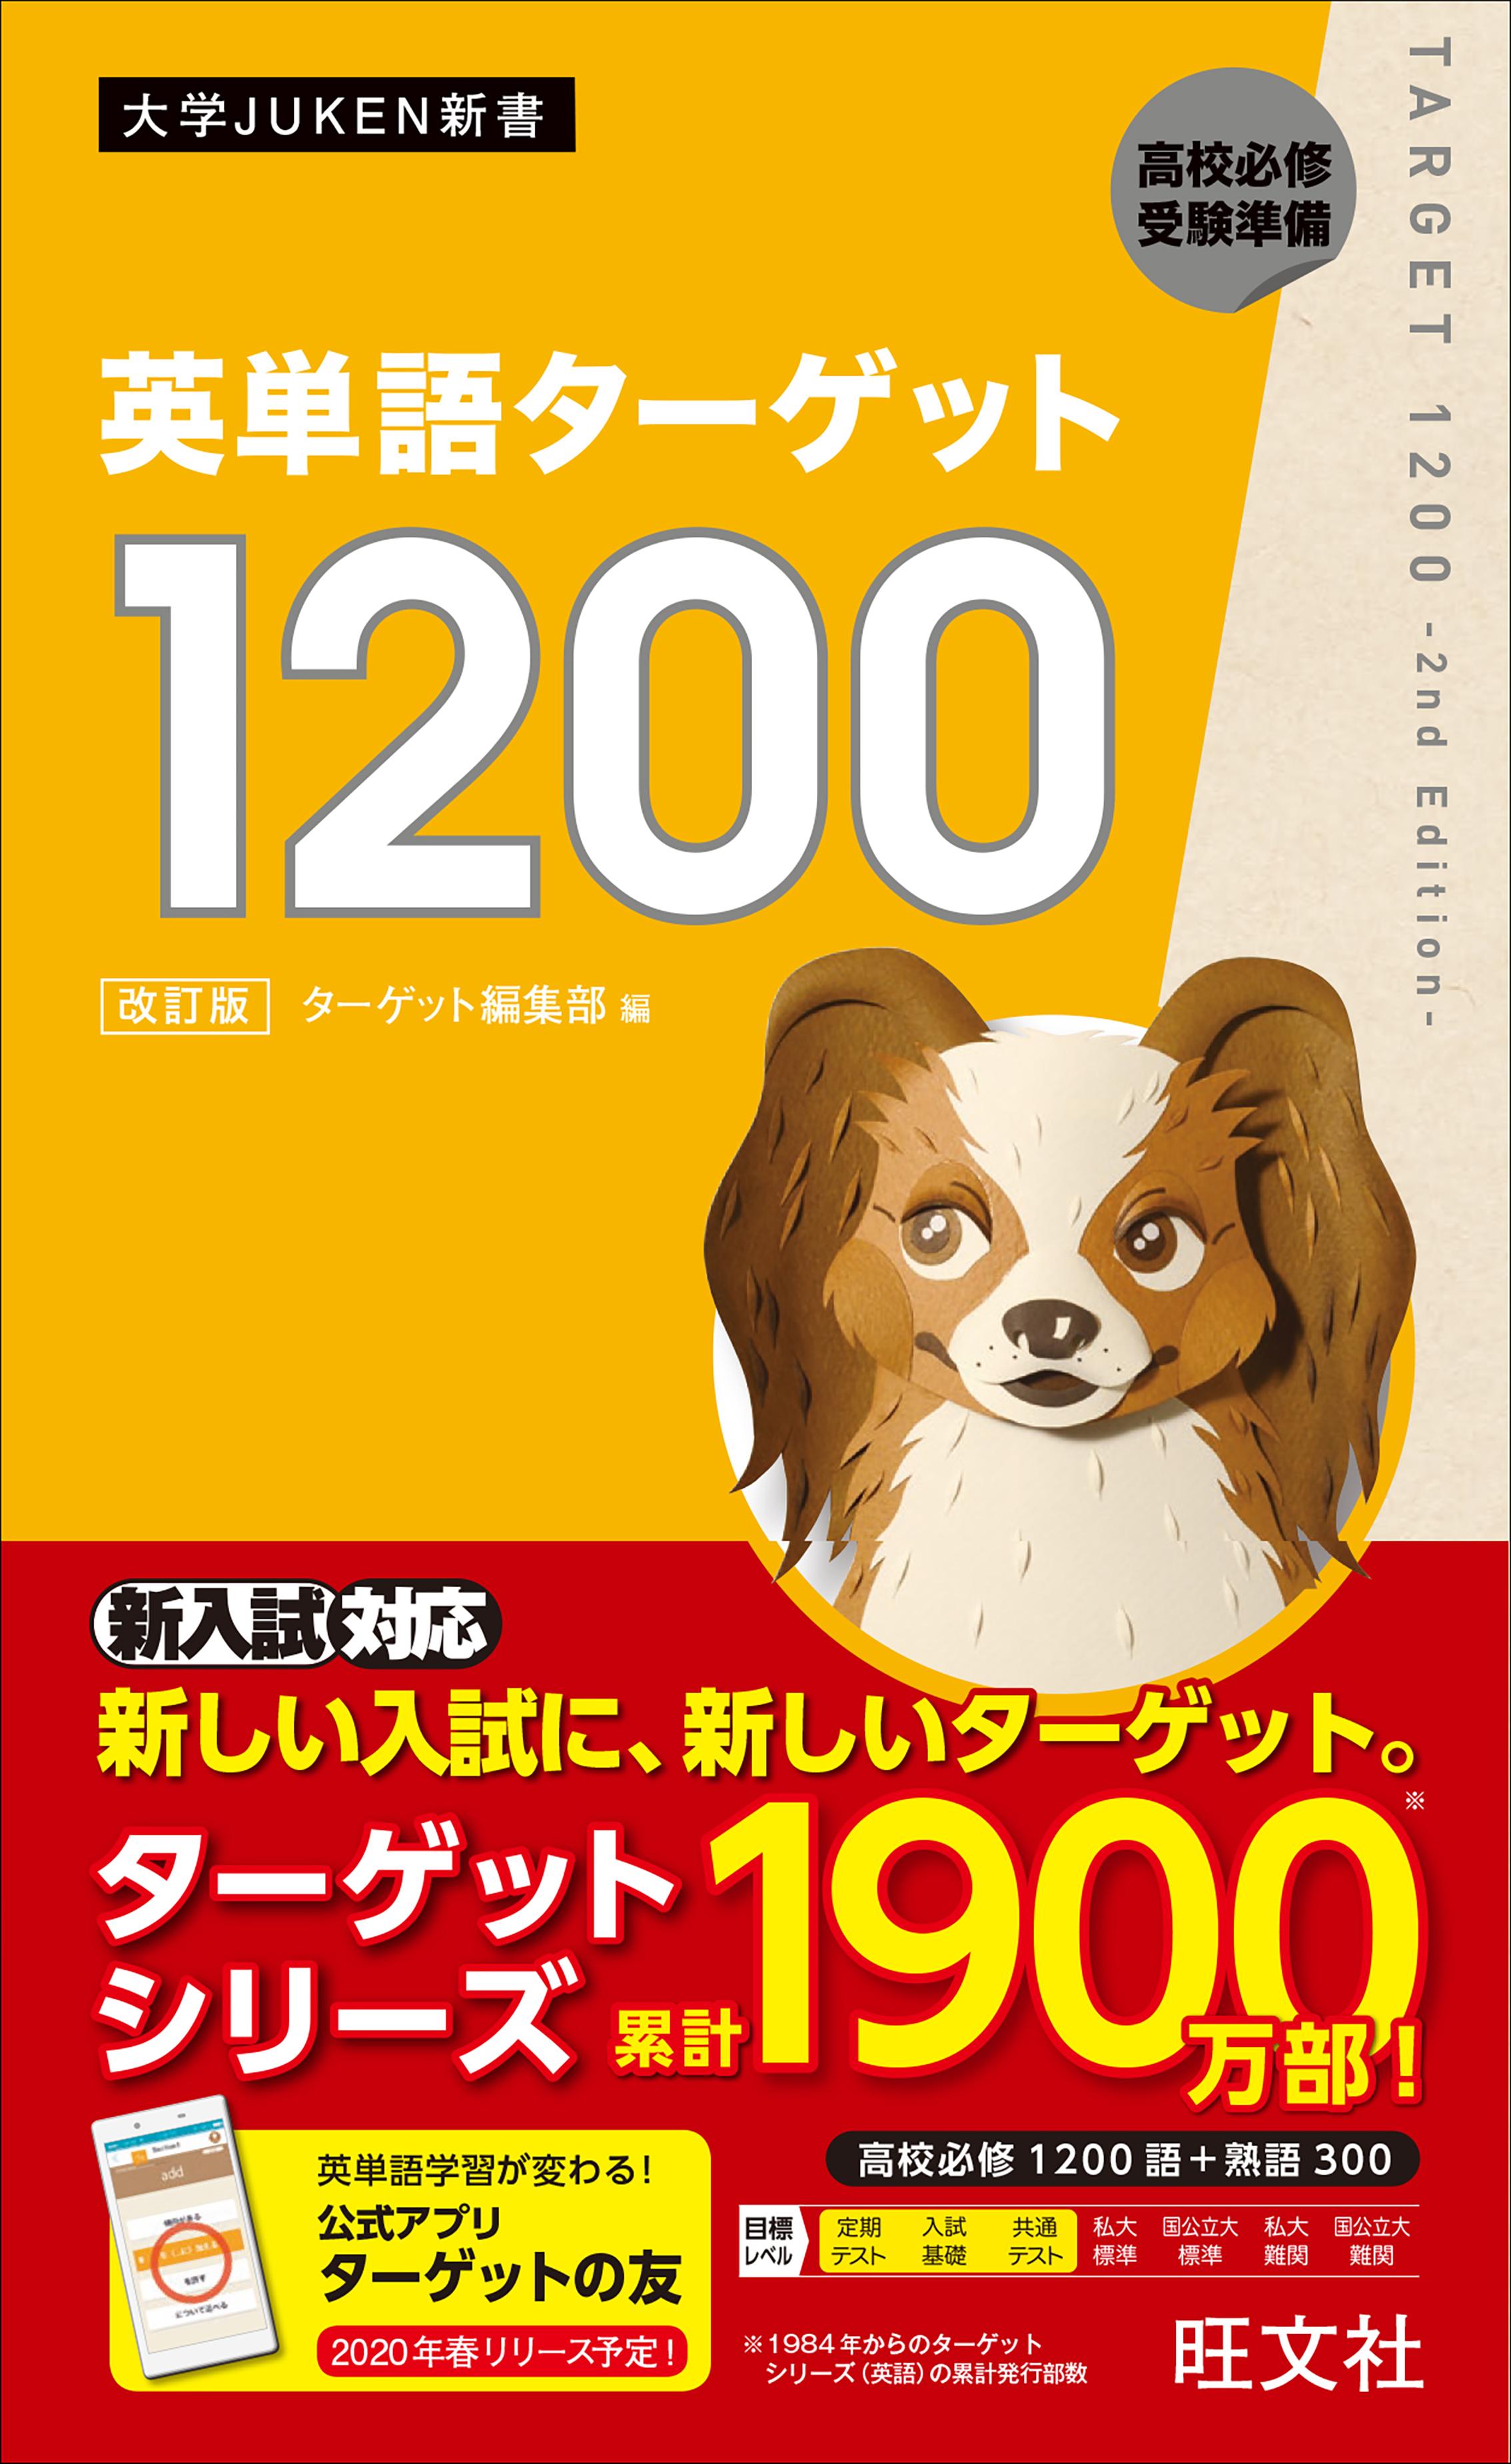 ターゲット 1200 アプリ